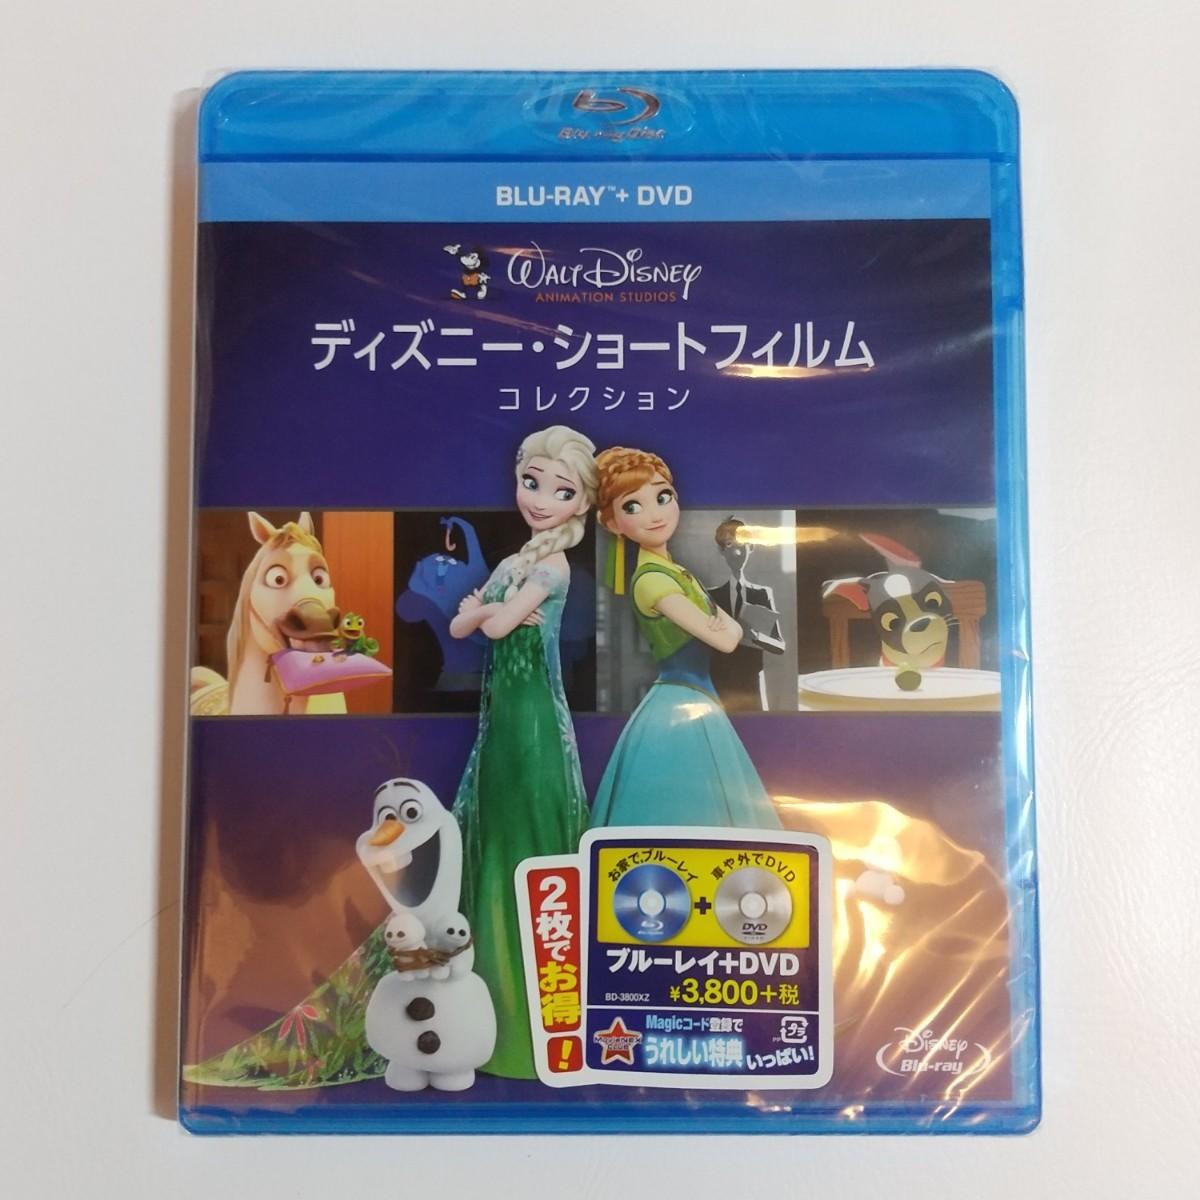 新品未開封 ディズニー・ショートフィルム・コレクション  Blu-ray+DVD ブルーレイ